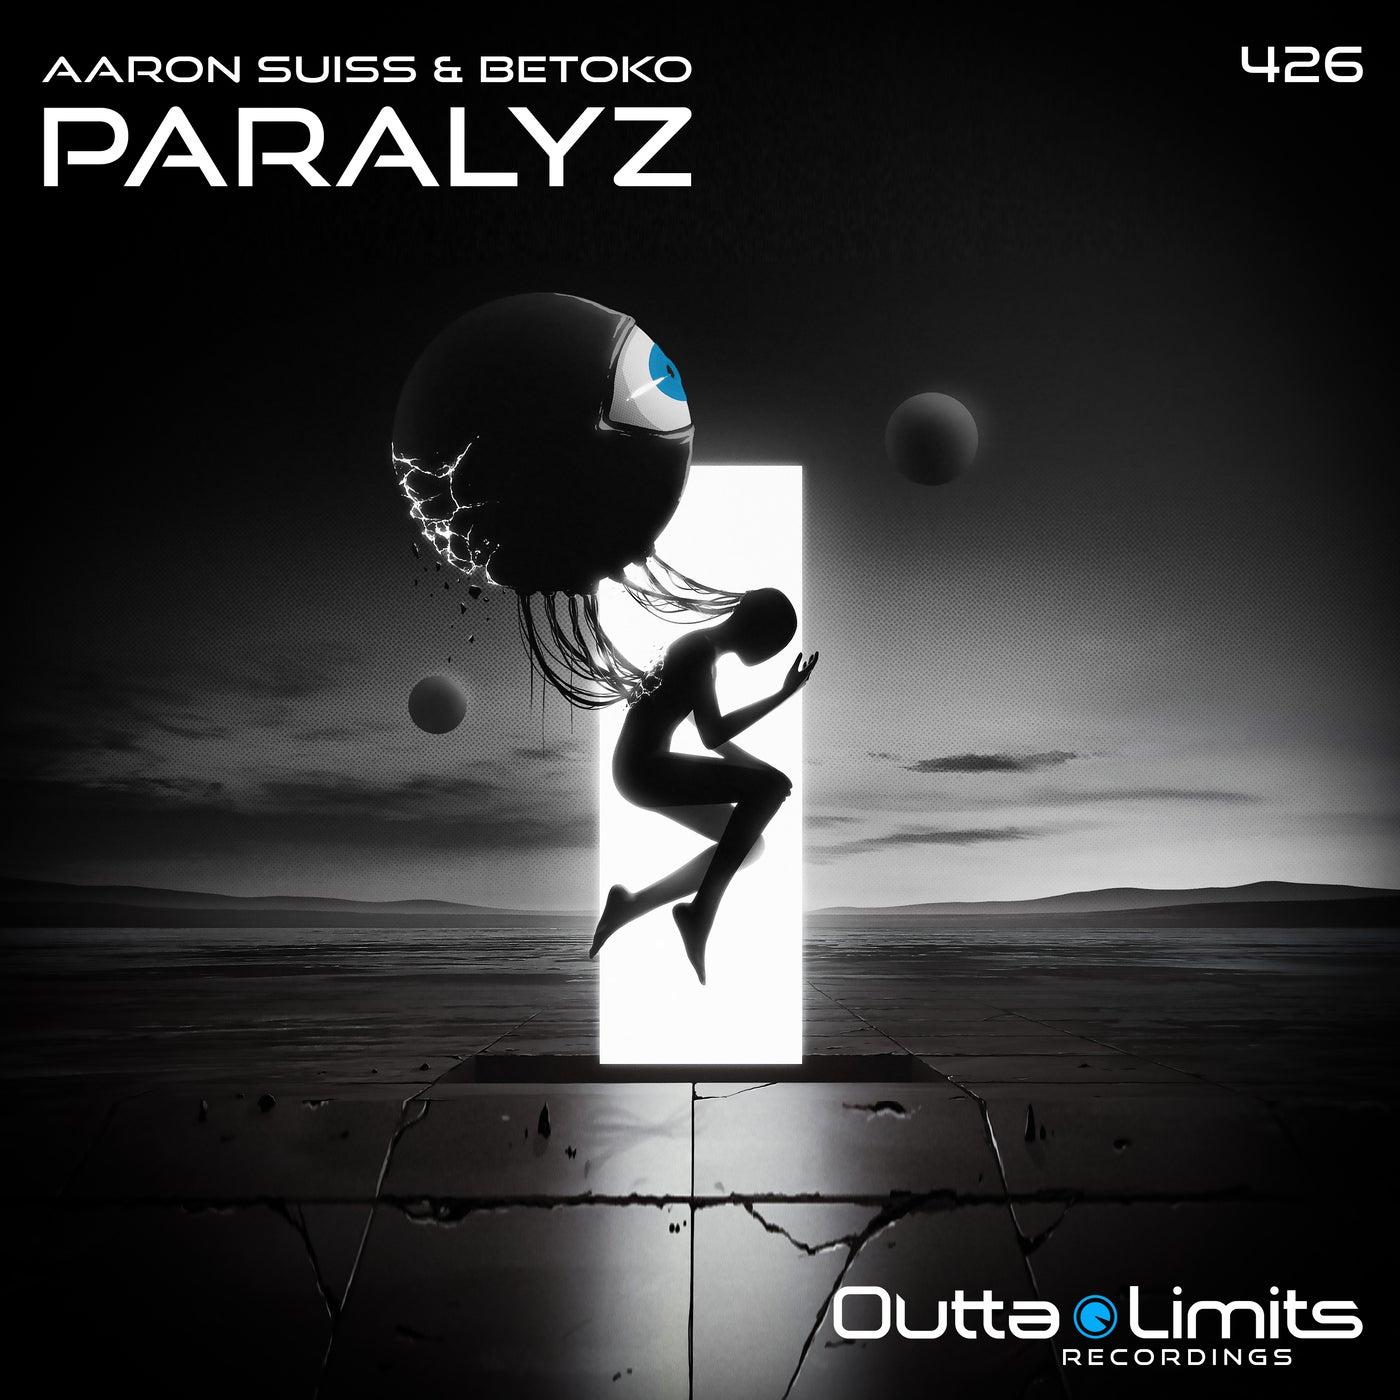 Paralyz (Original Mix)